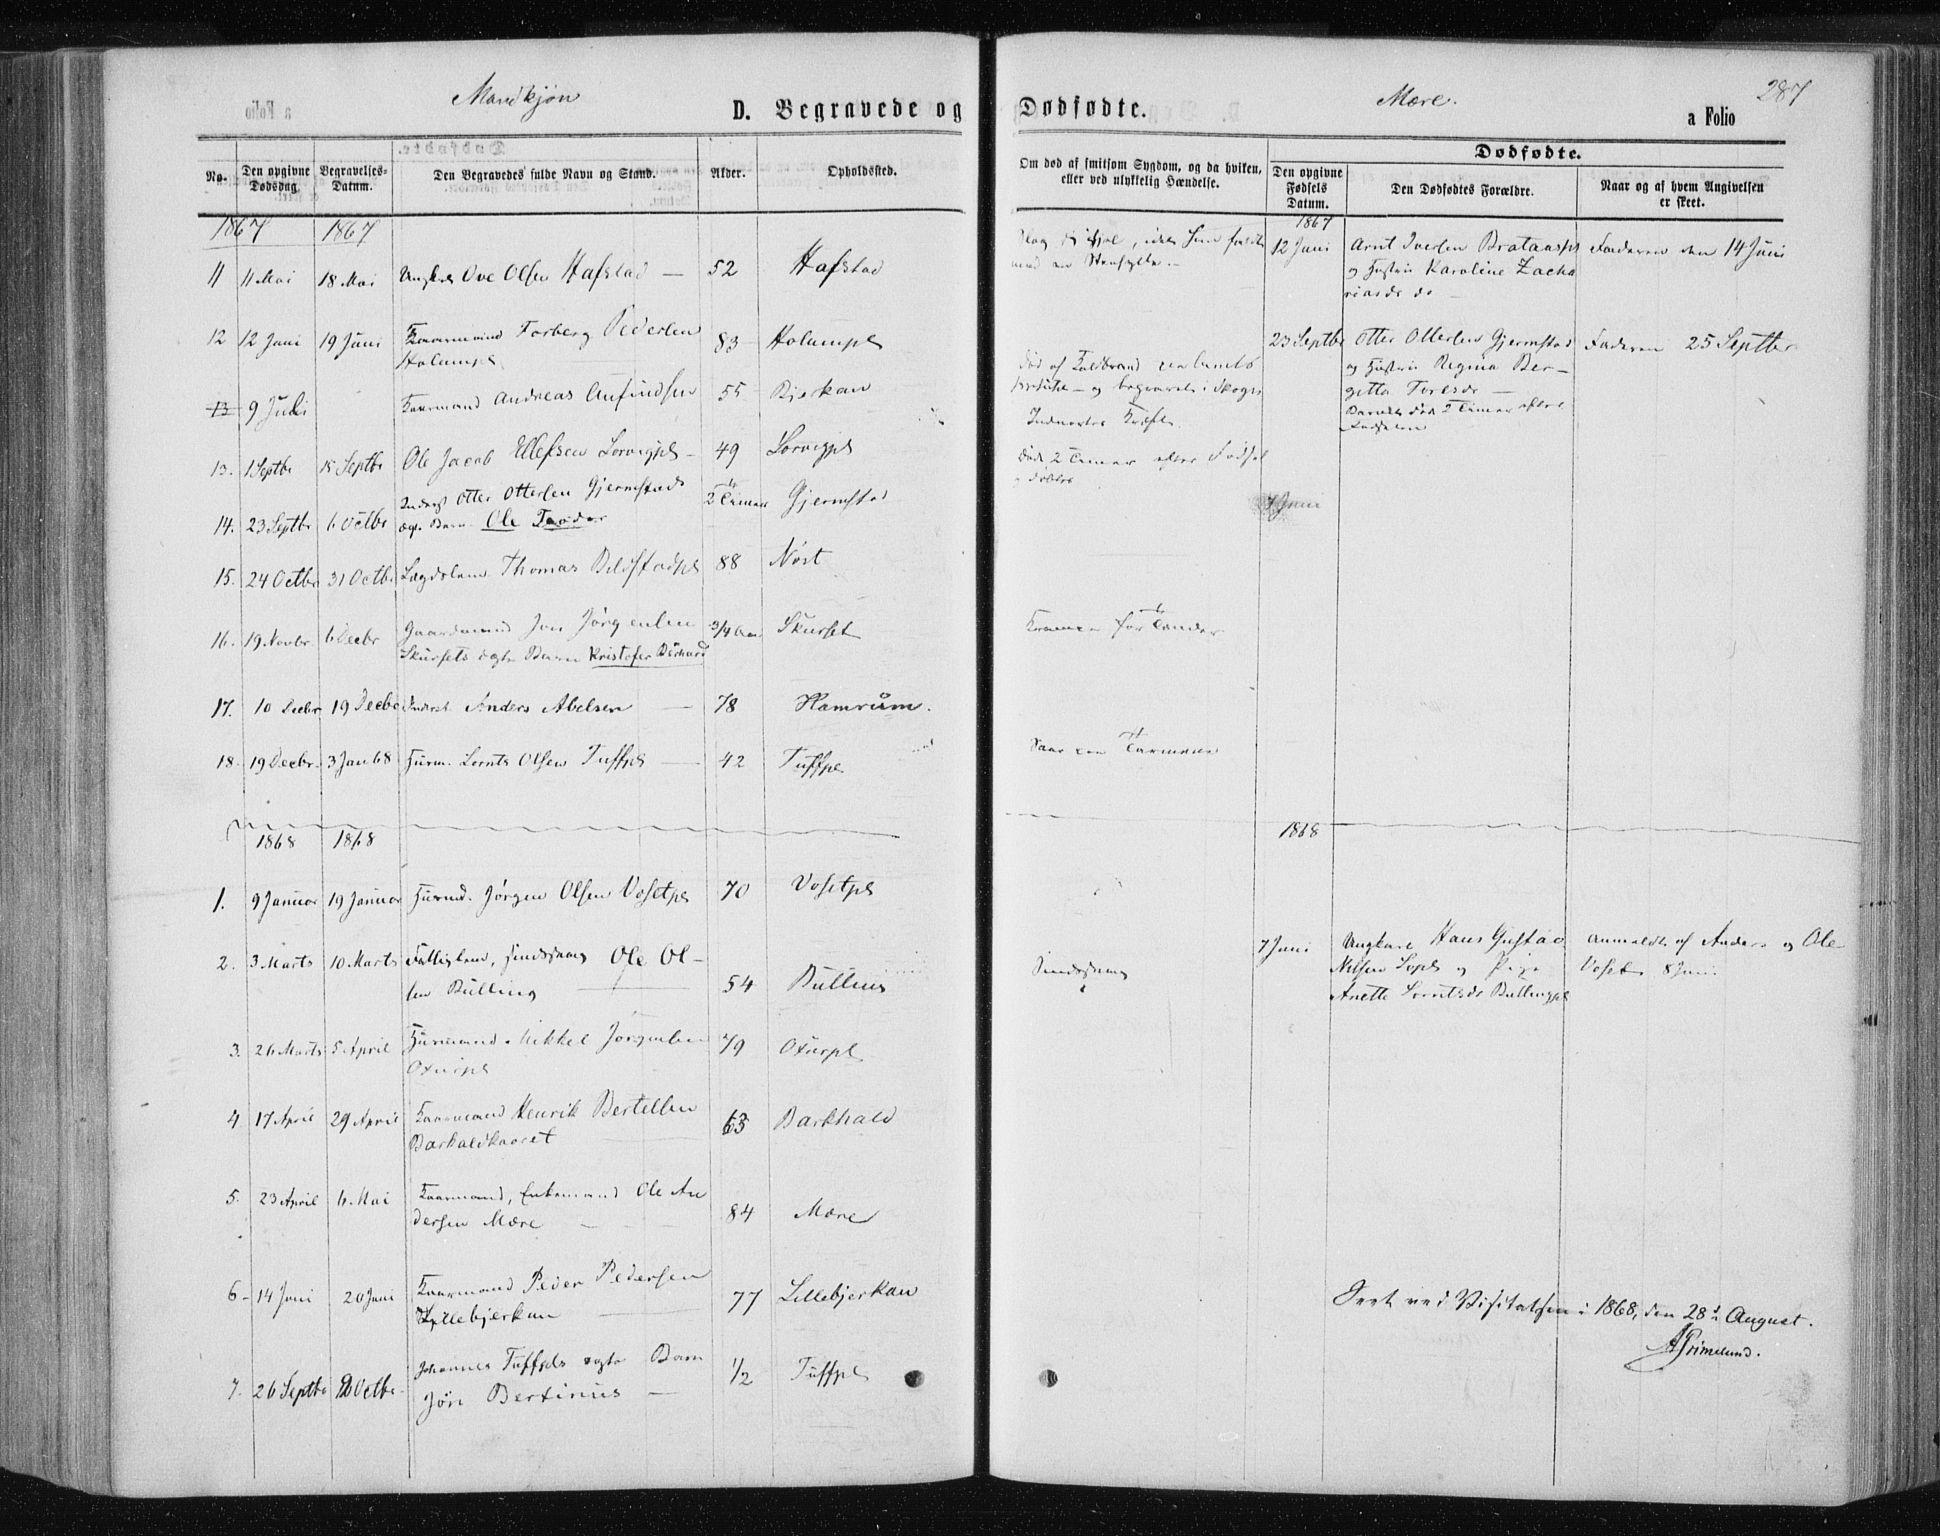 SAT, Ministerialprotokoller, klokkerbøker og fødselsregistre - Nord-Trøndelag, 735/L0345: Ministerialbok nr. 735A08 /1, 1863-1872, s. 287